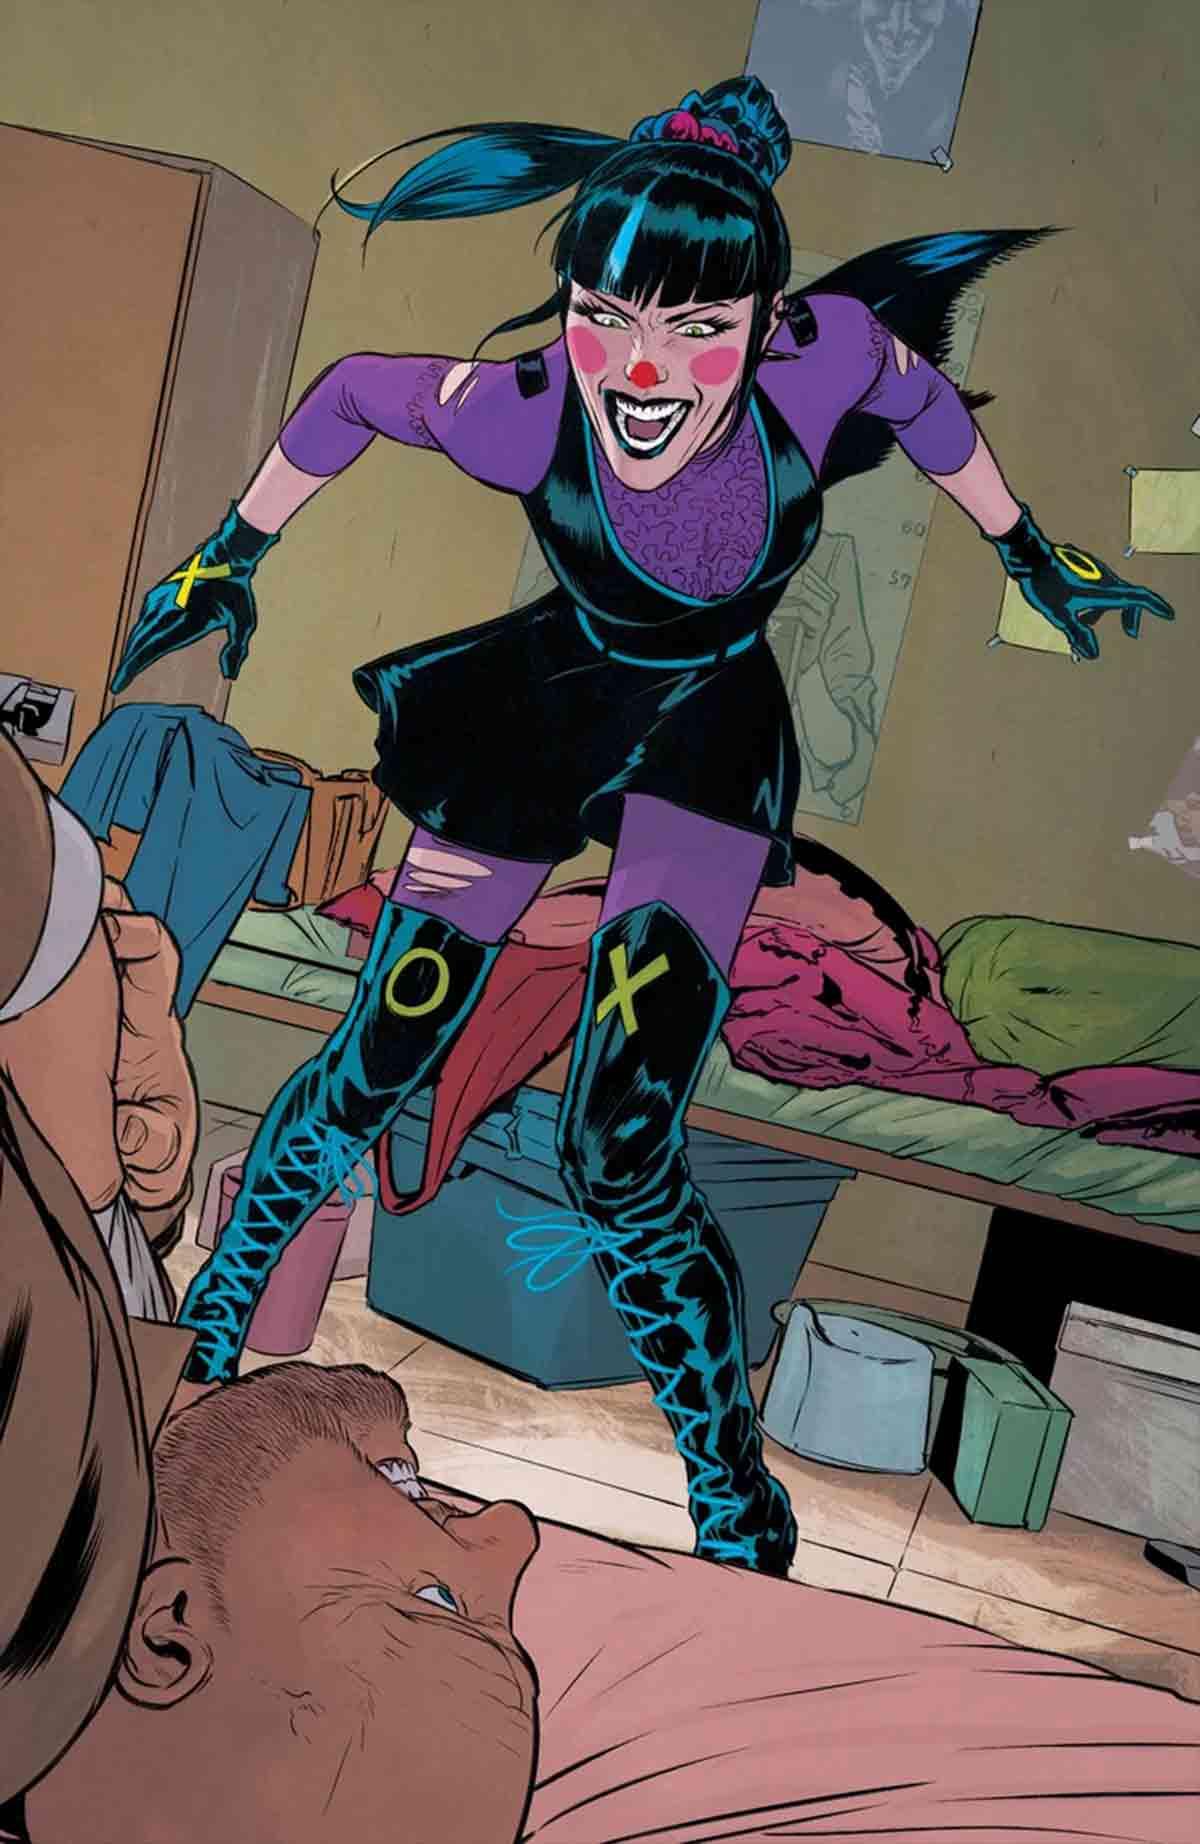 El violento origen de Punchline, la nueva novia del Joker